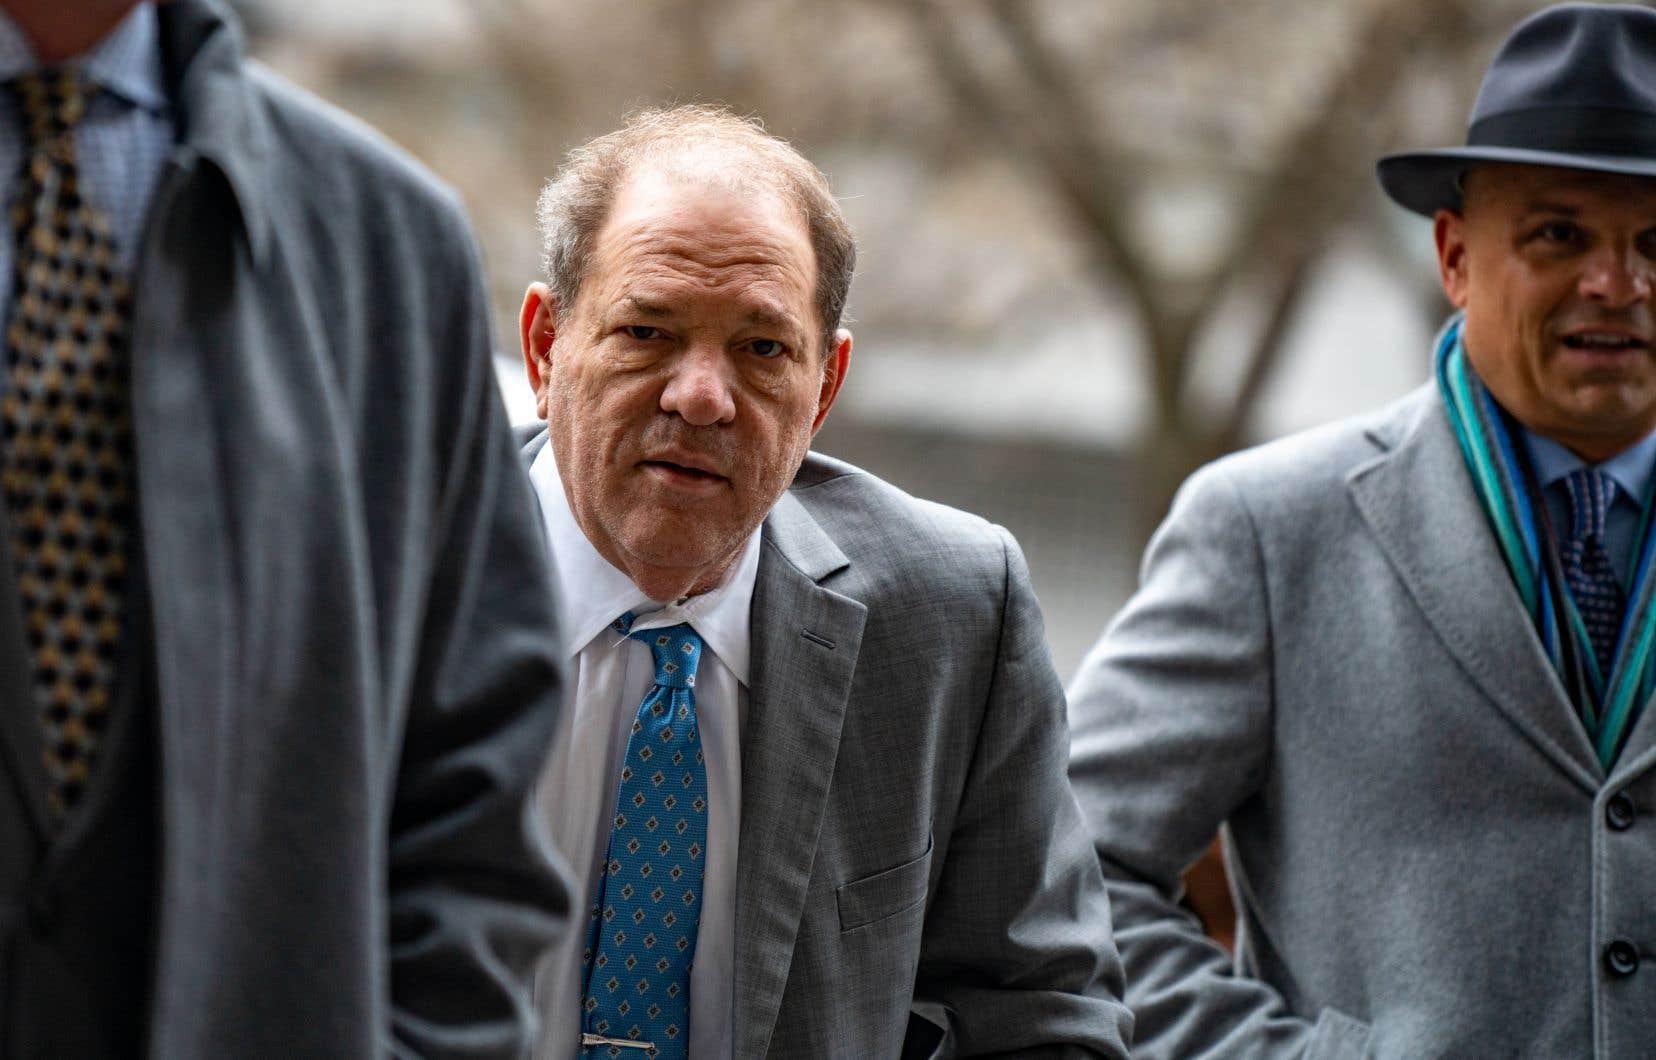 Tout au long du procès, Harvey Weinstein a été décrit avec constance comme manipulateur, agressif, accroc au sexe, cynique, mais pour l'envoyer en prison, il faut la conviction qu'il a commis un acte criminel.